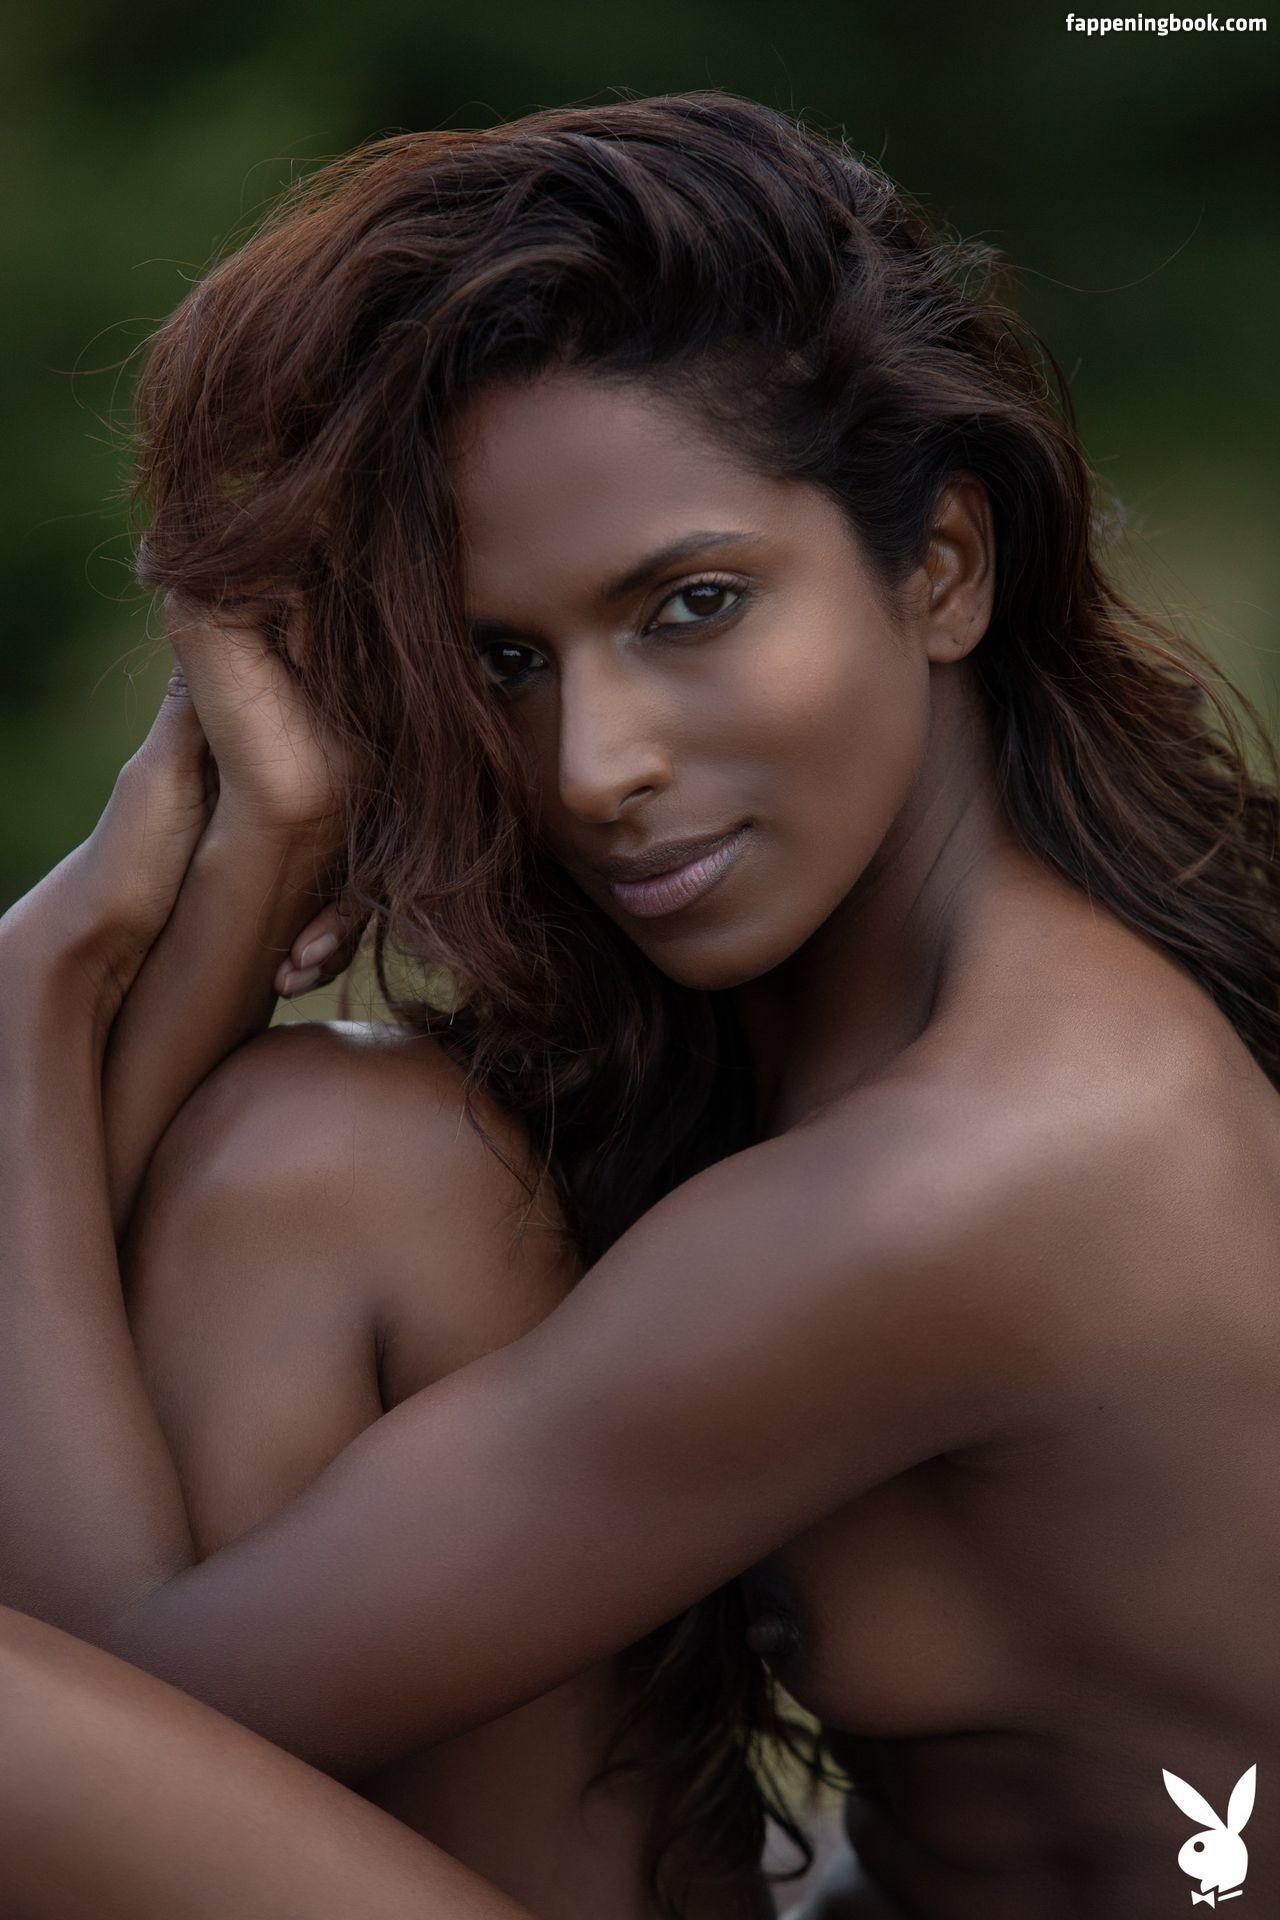 Giulia Gorietti Nude nirmala fernandes nude, sexy, the fappening, uncensored